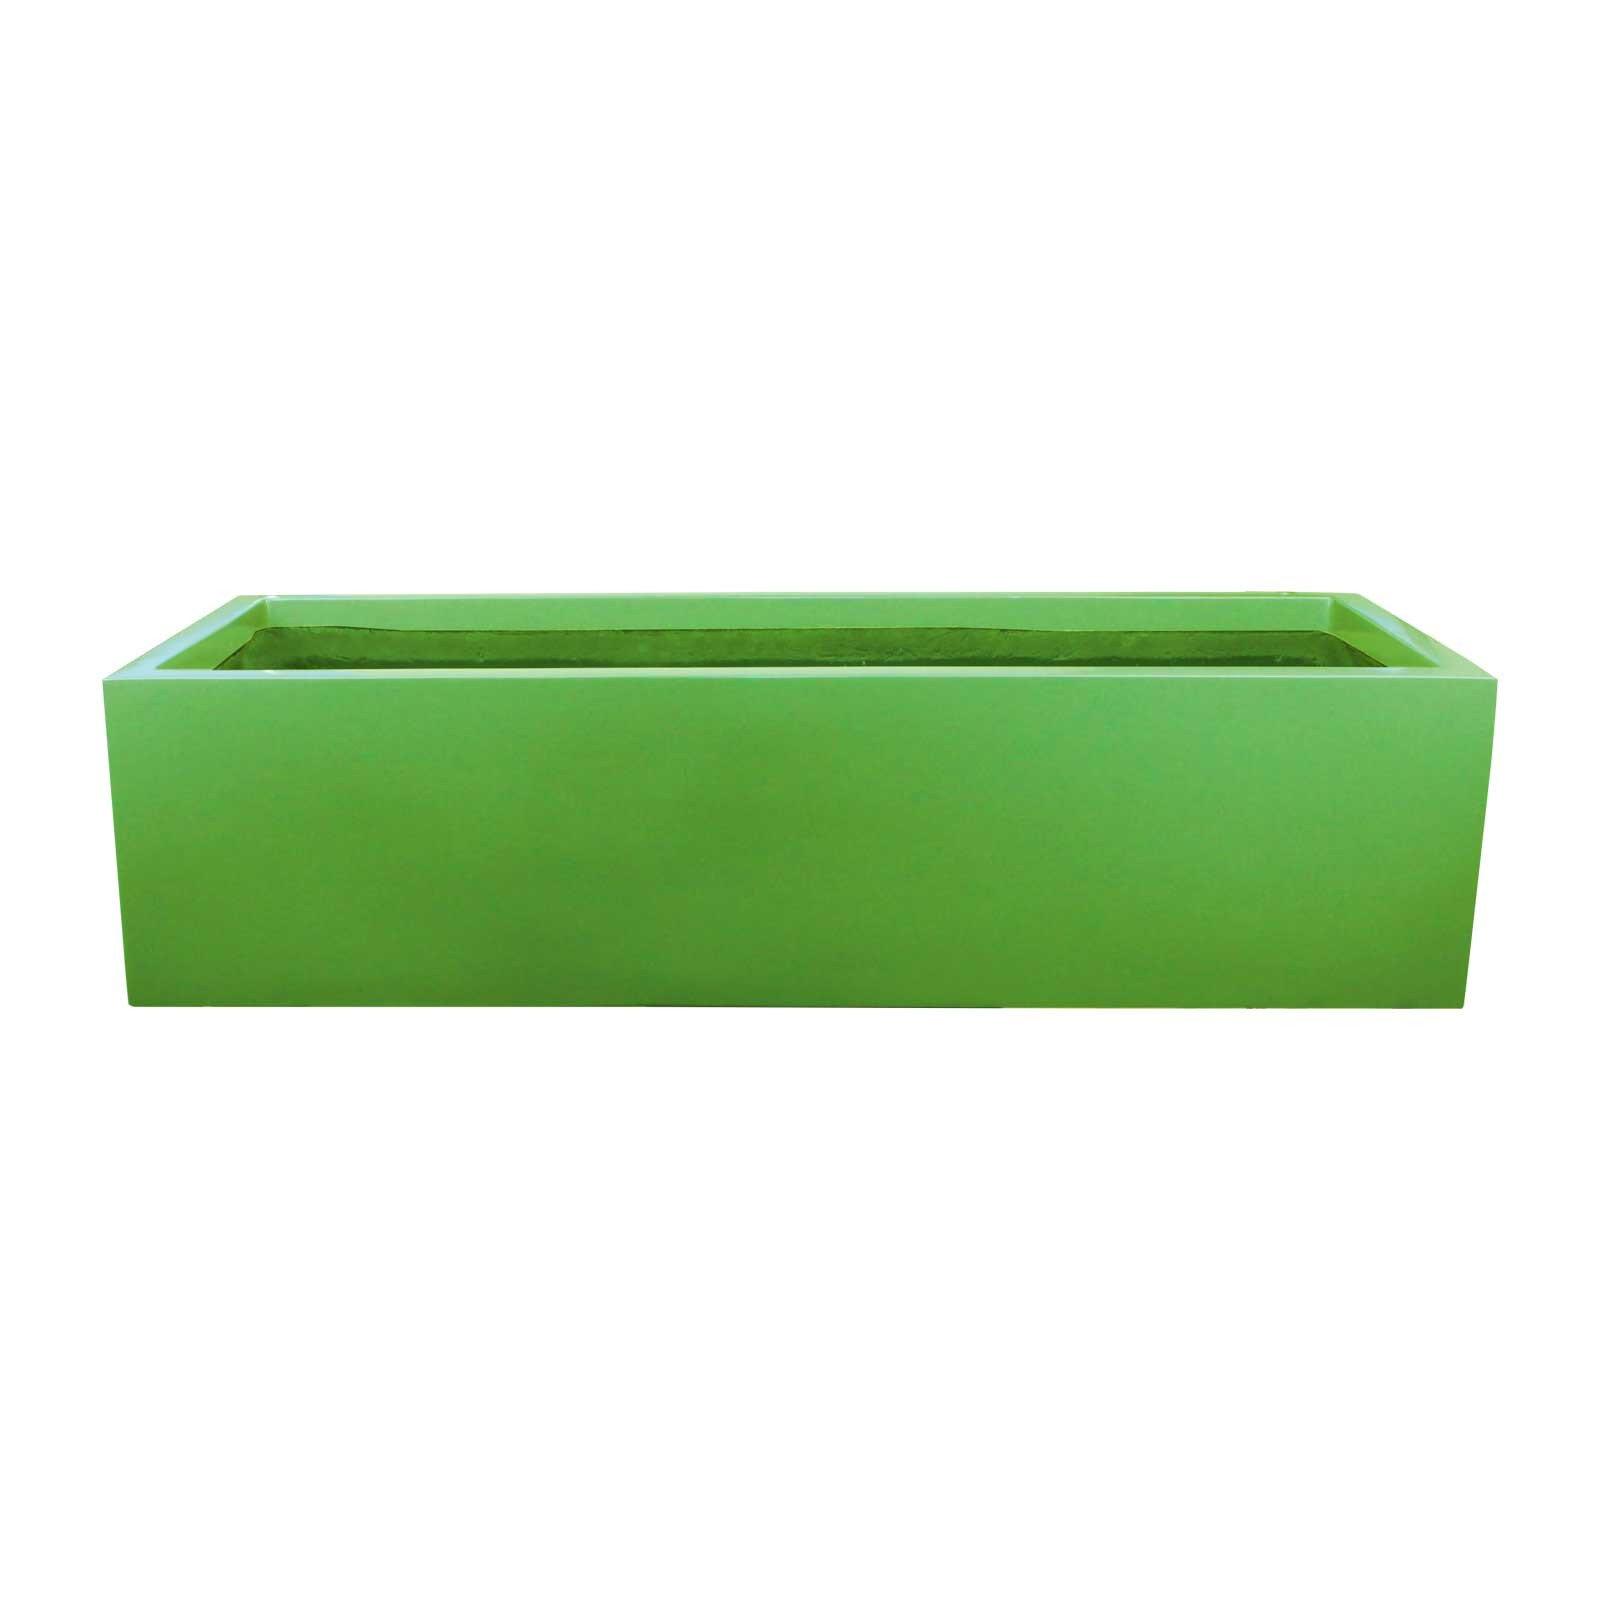 Deck Planter Box - Fiberglass - 48'L x 18'W x 12'H